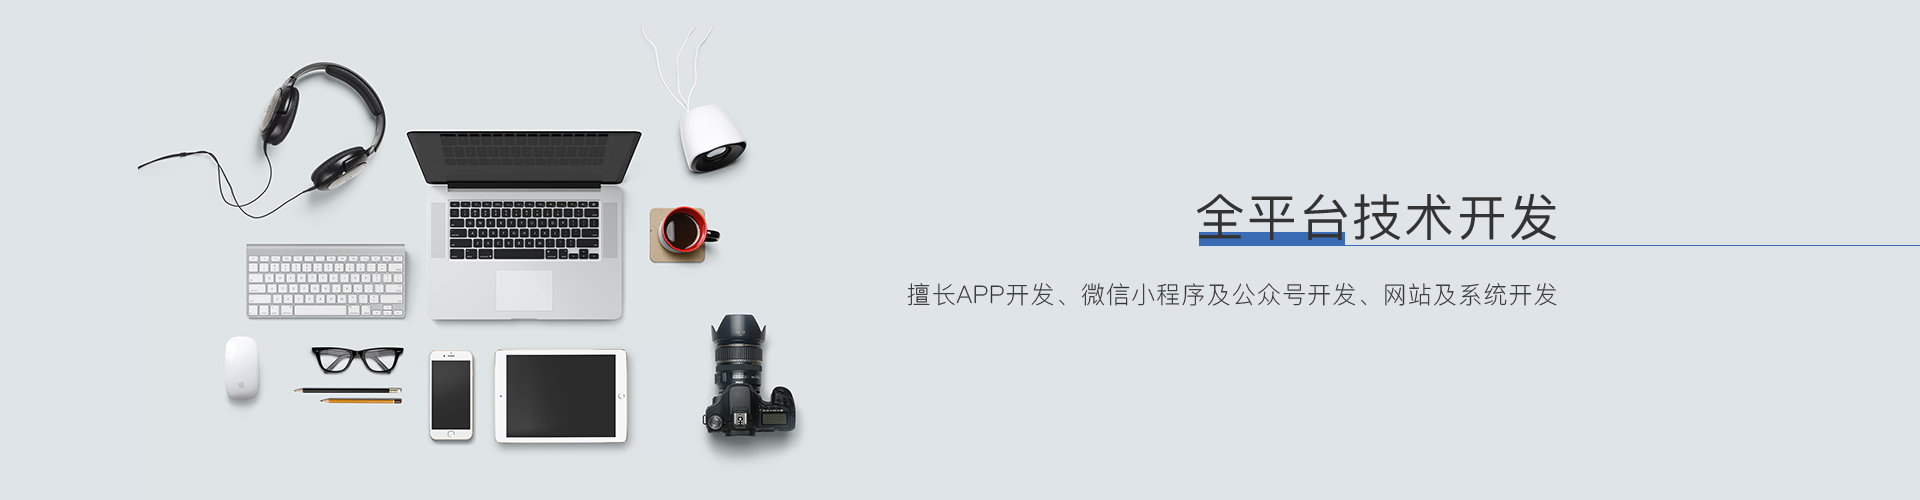 北京APP开发